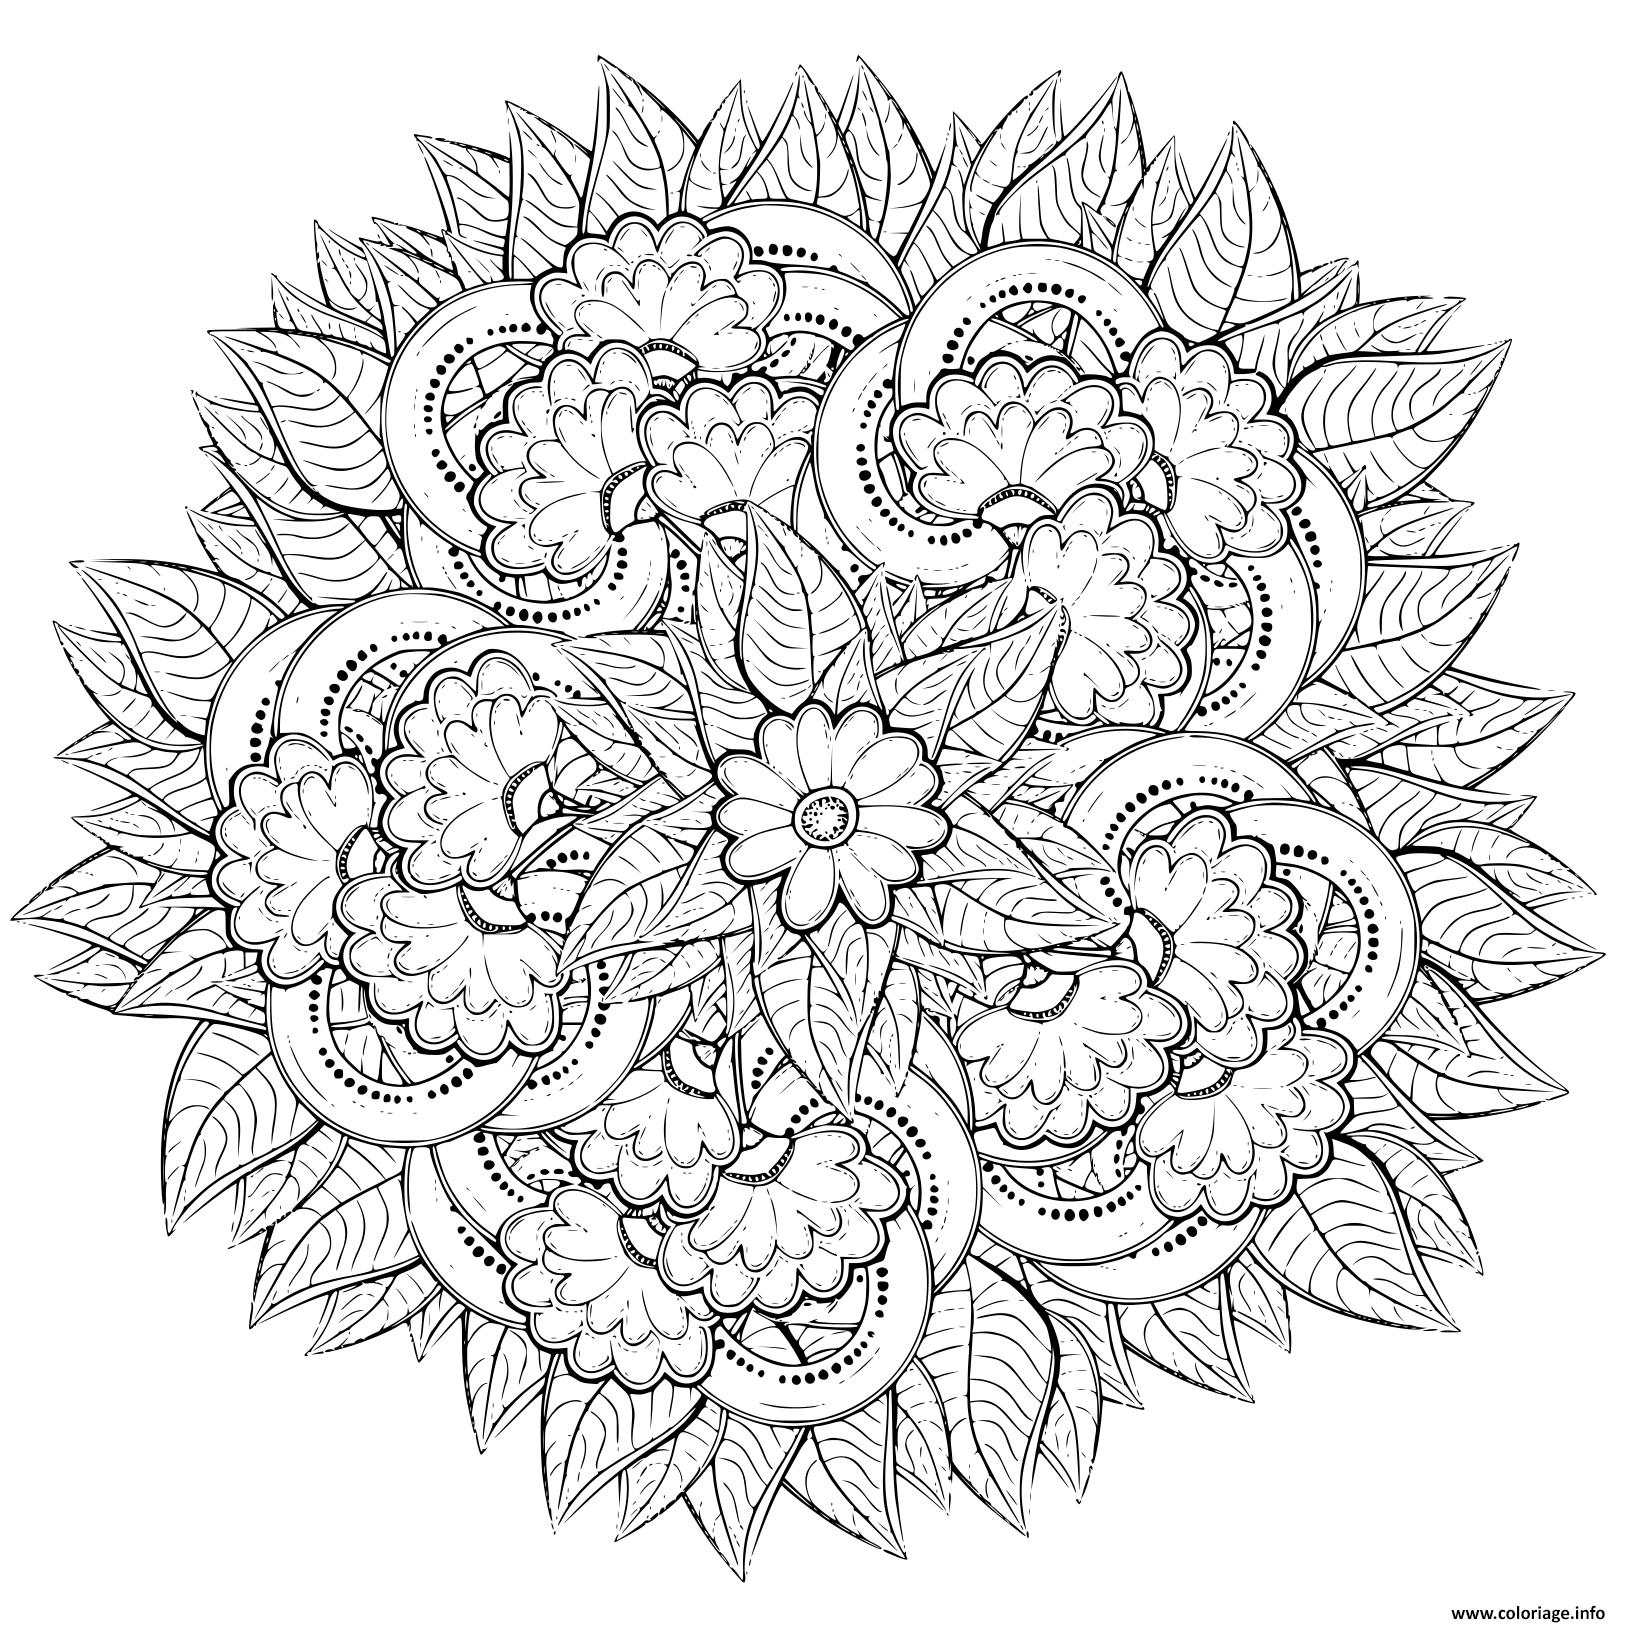 Coloriage Mandala Fleurs Pour Adulte Nature Dessin Fleurs A Imprimer